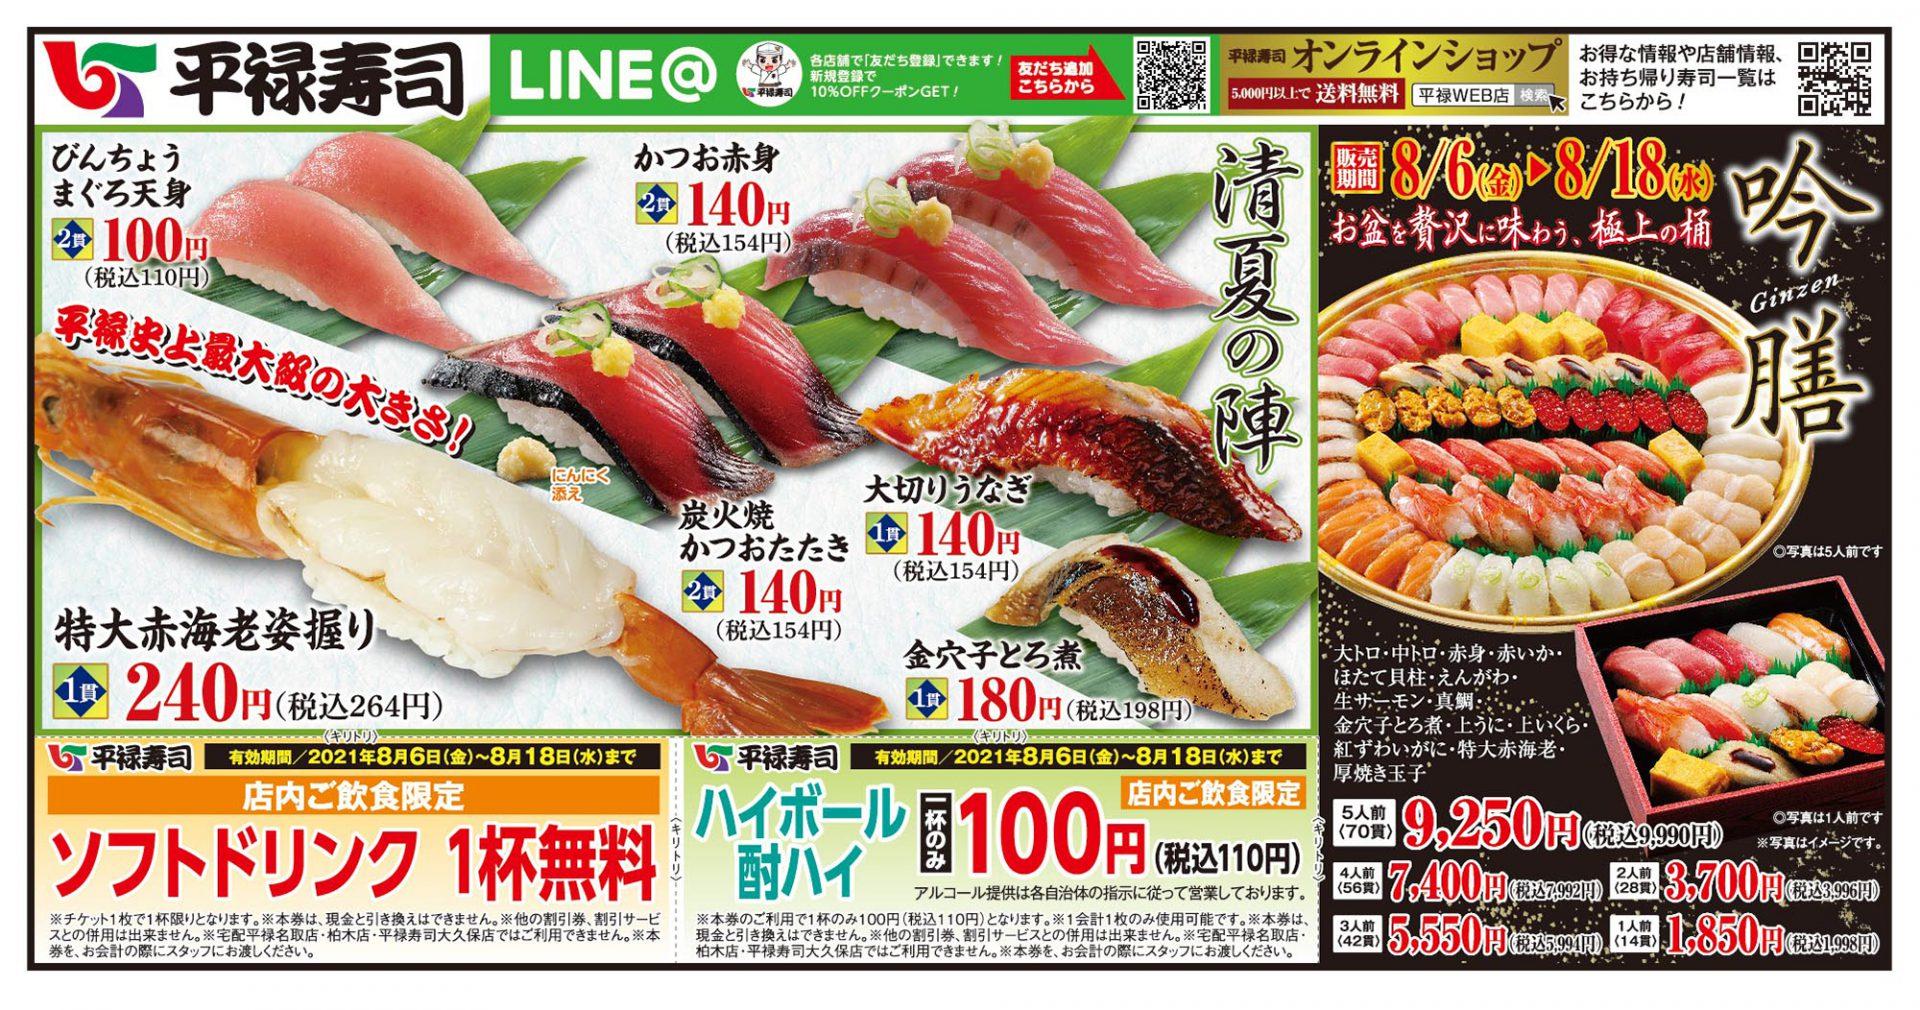 おうちで楽しむ贅沢寿司!『平禄寿司』から「お持ち帰り寿司」期間限定販売!